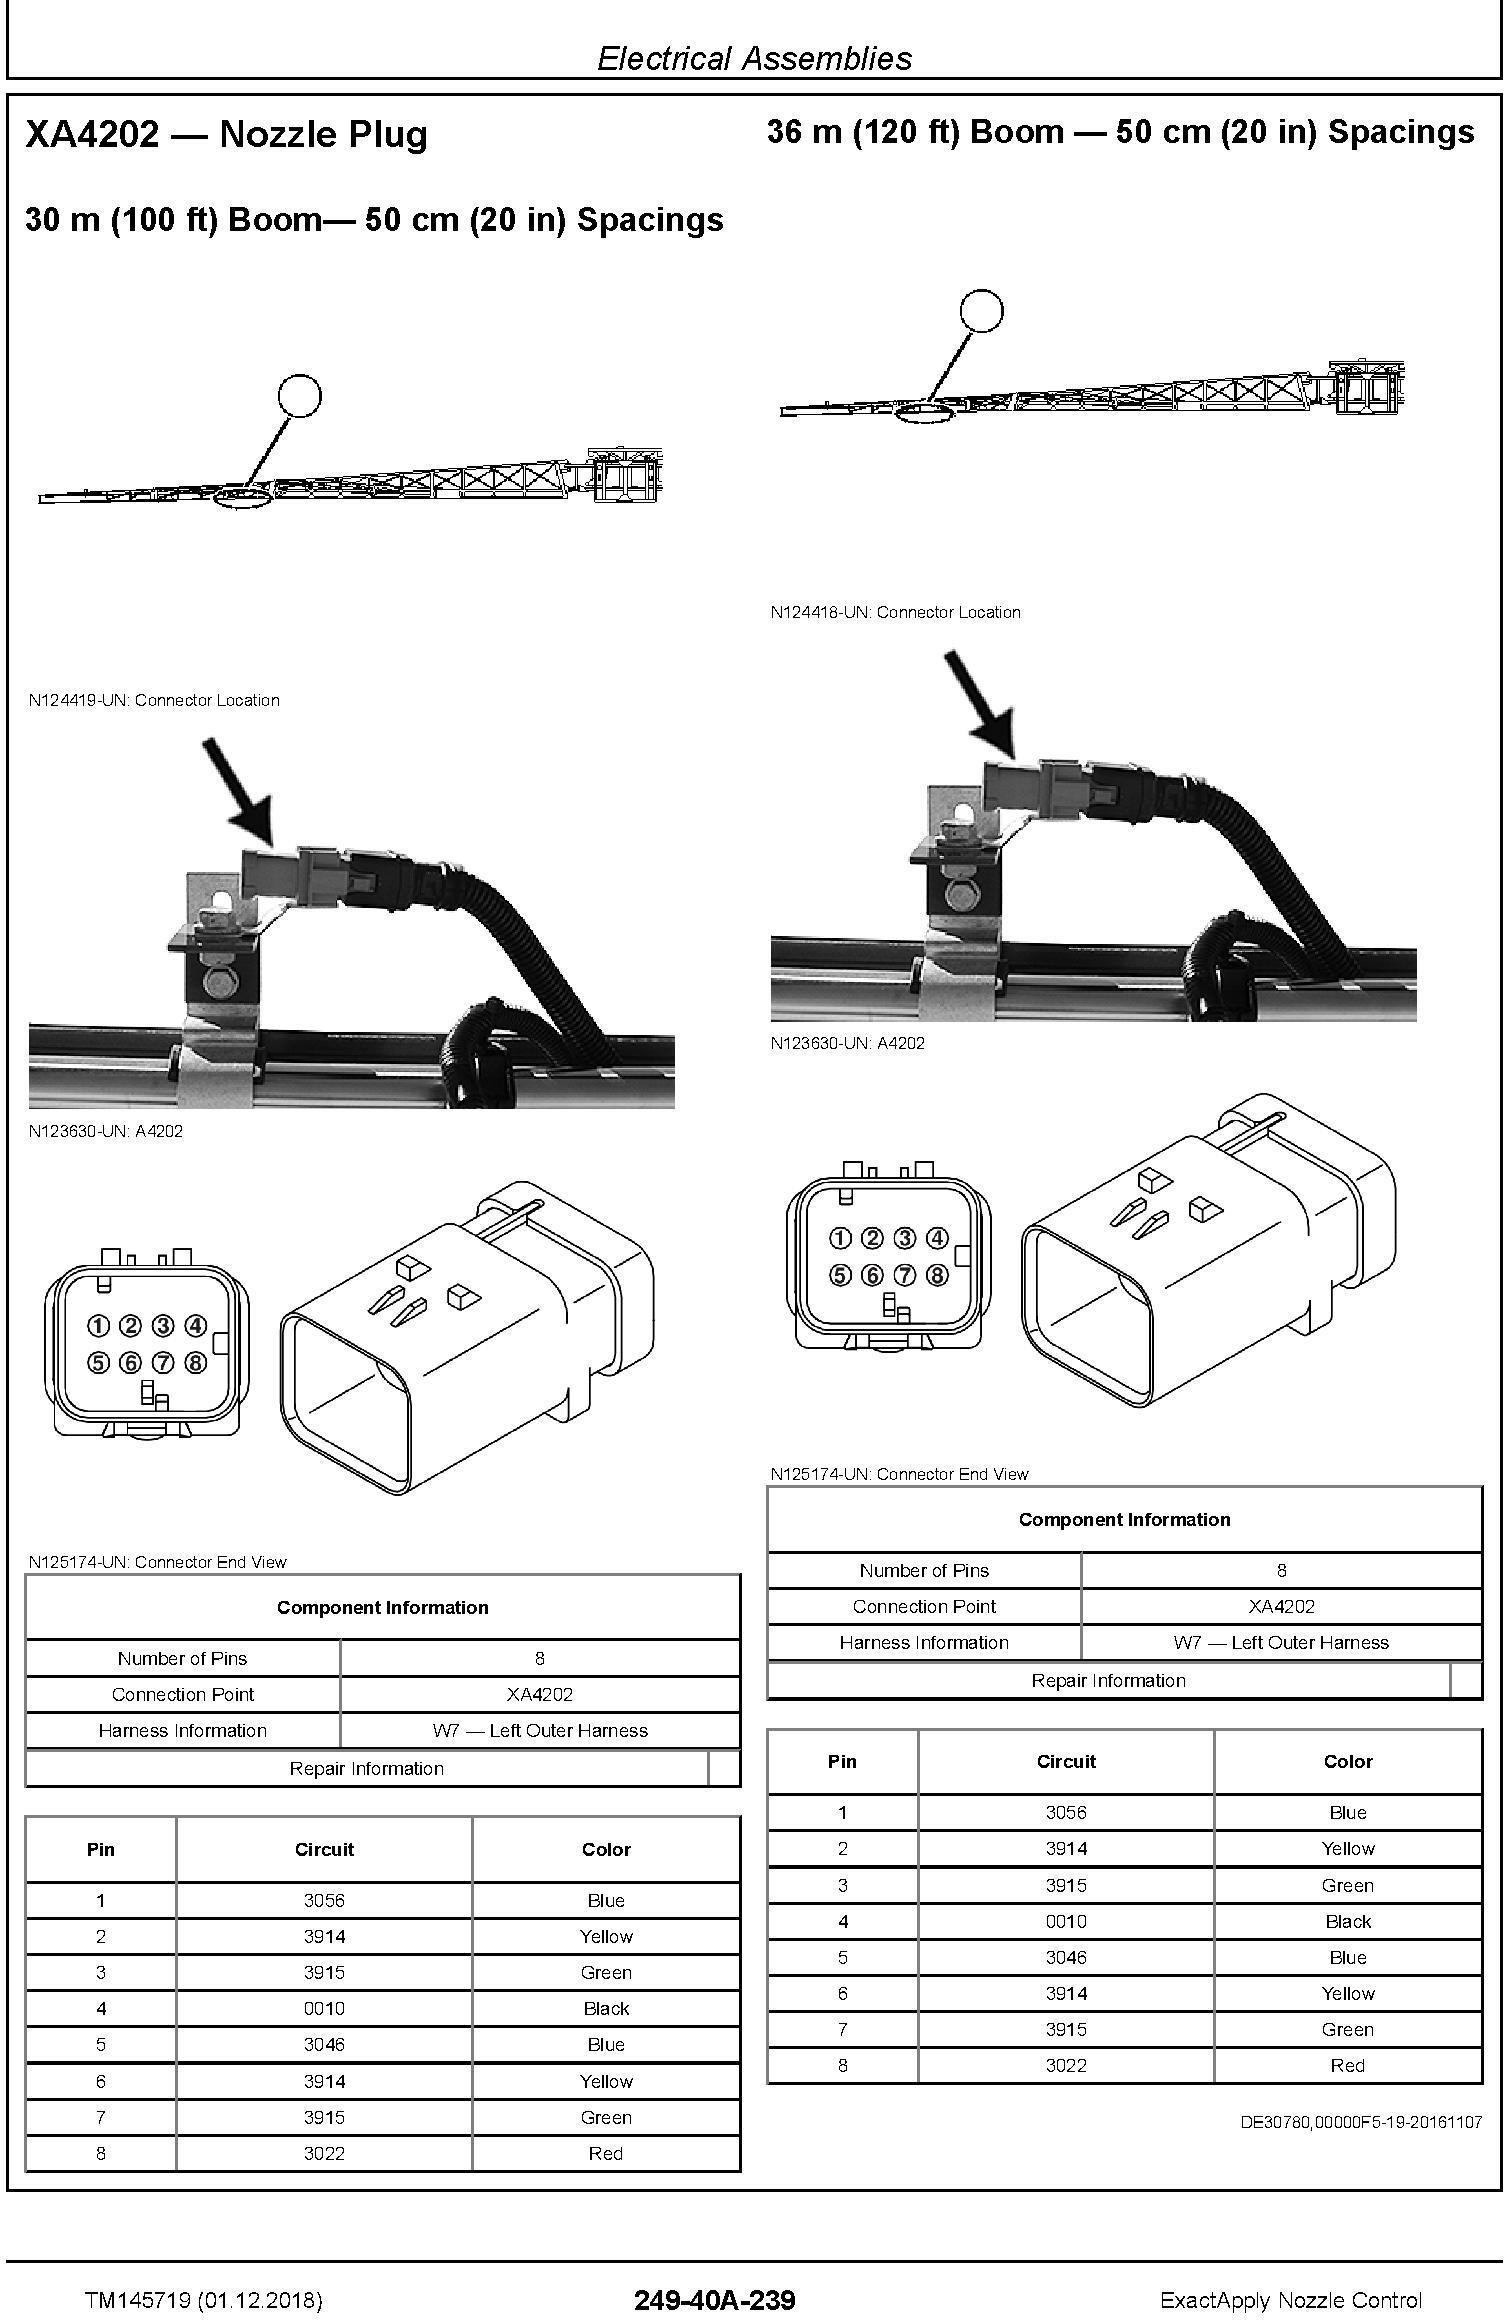 John Deere ExactApply Nozzle Control Diagnostic Technical Manual (TM145719) - 2